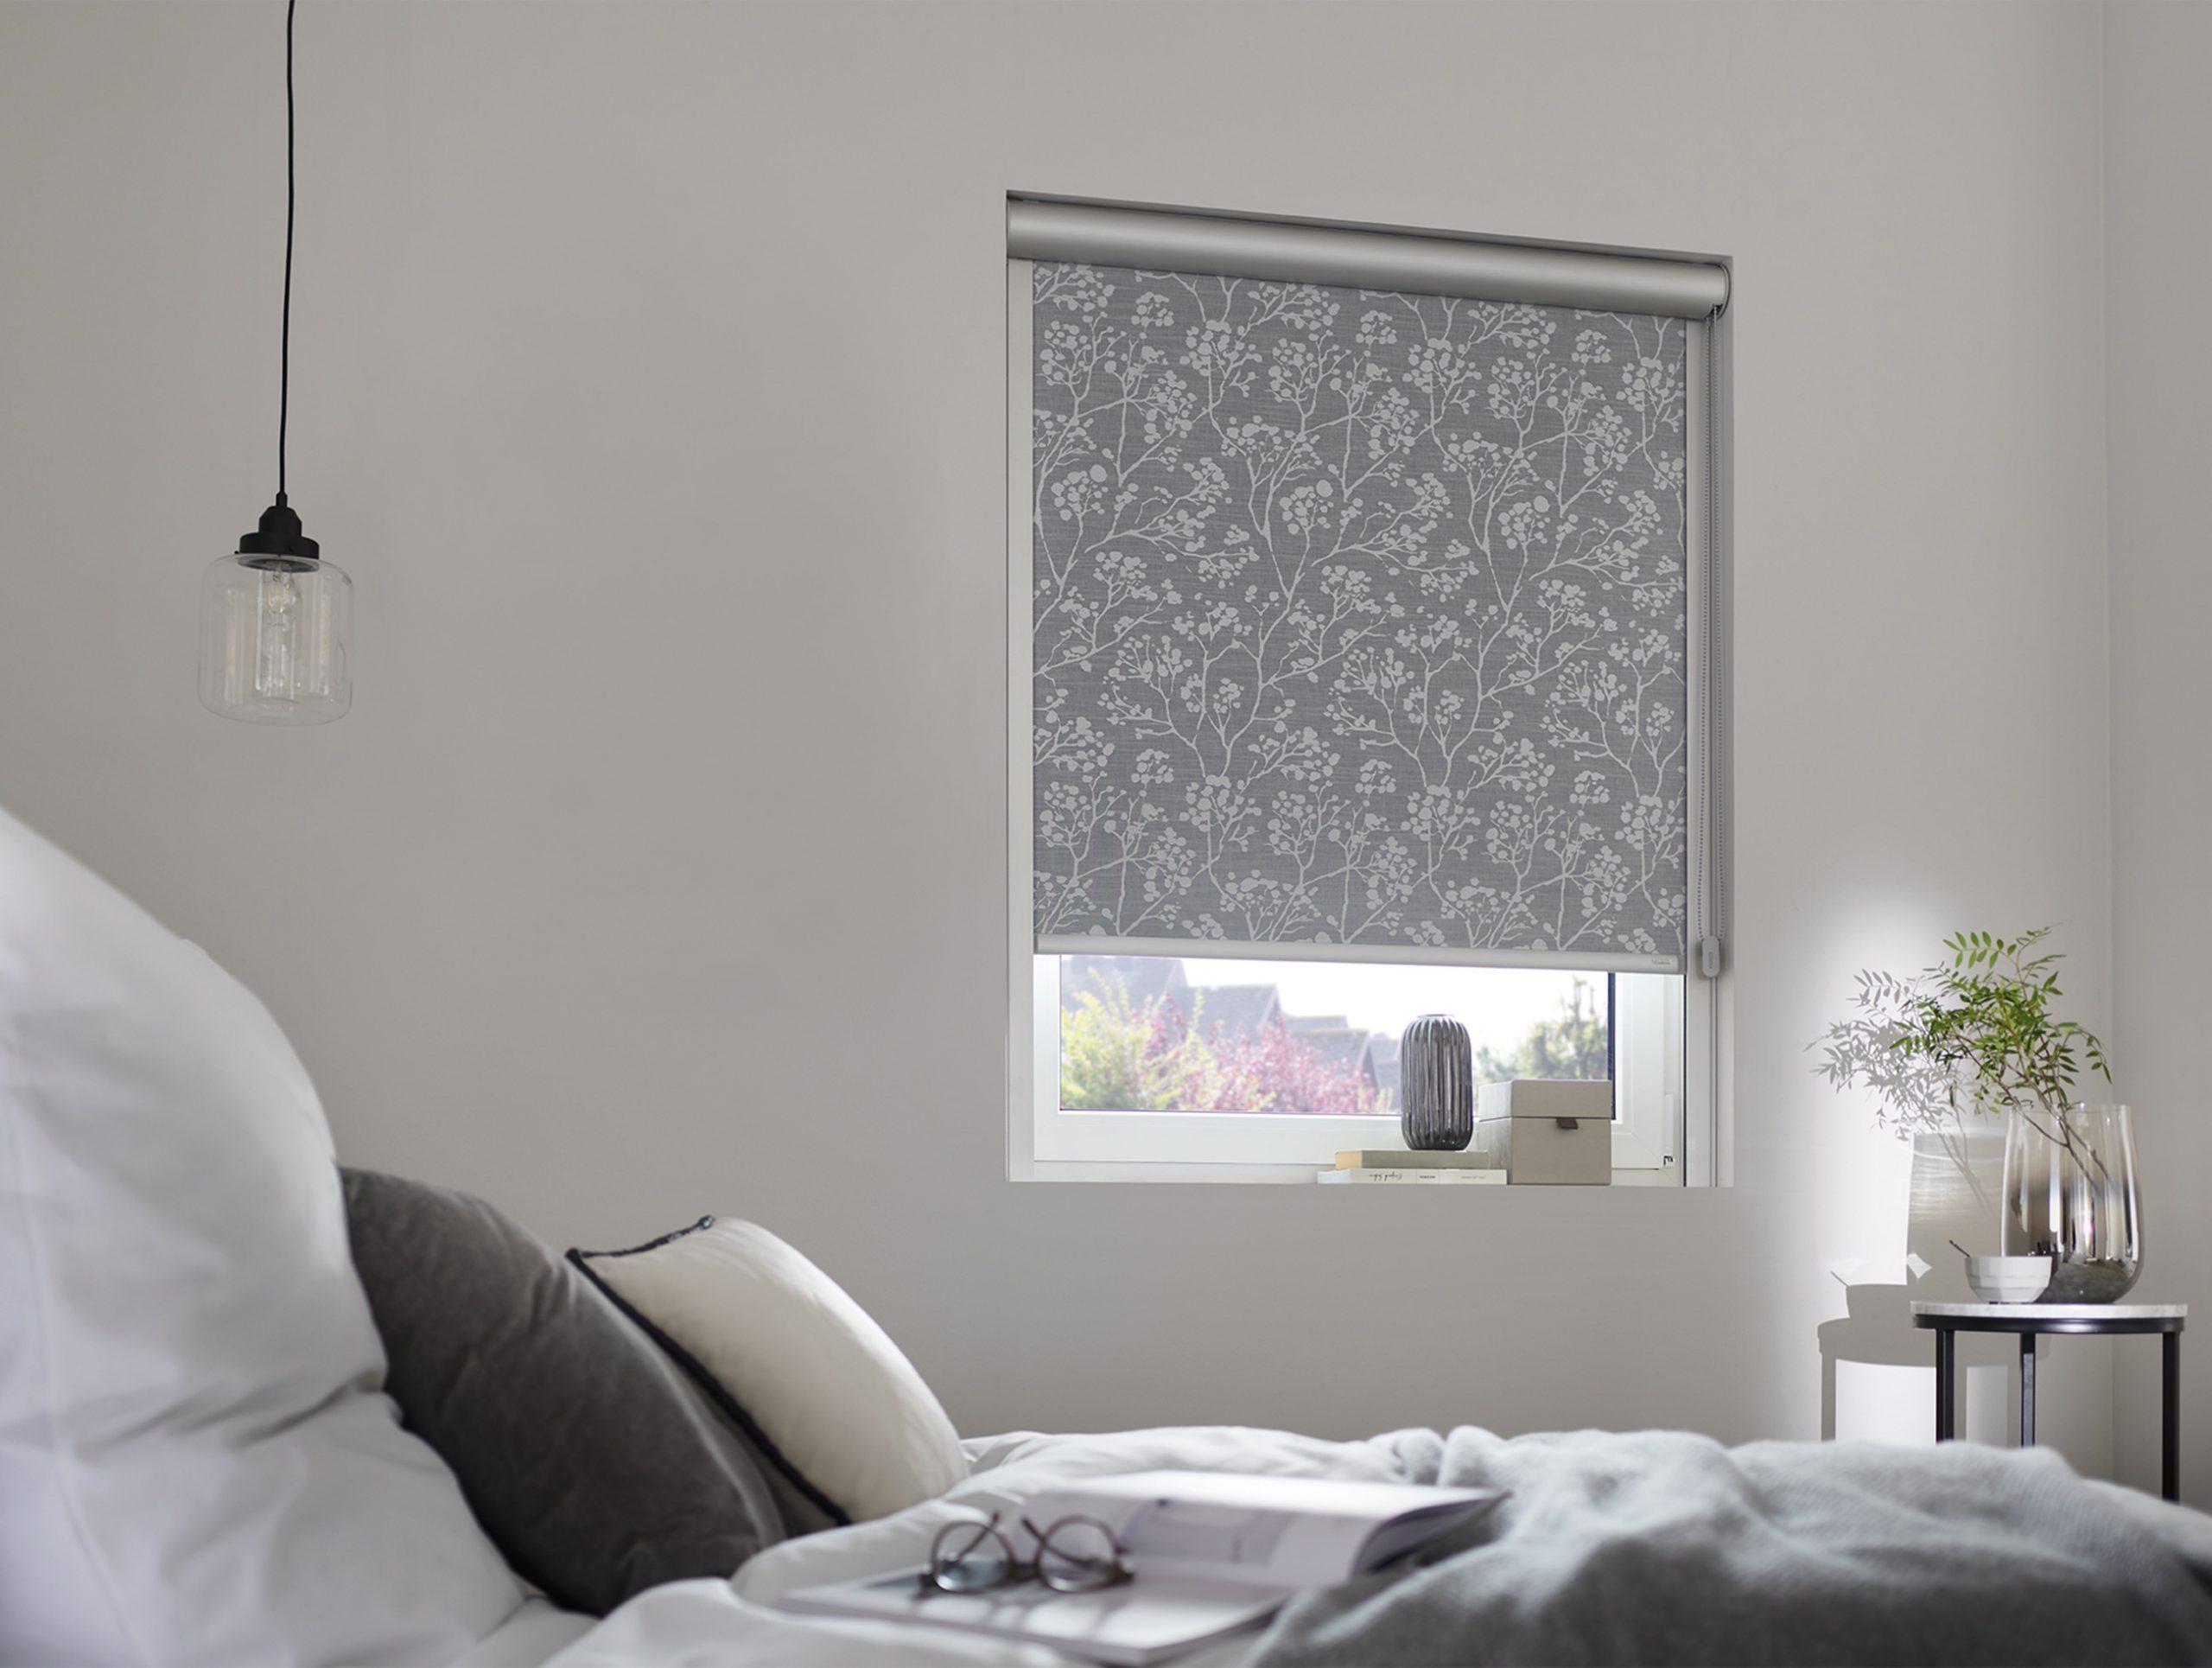 kadeco-rollo-62099-sichtschutz-sonnenschutz-grau-abdunkelnd-schlafzimmer-web